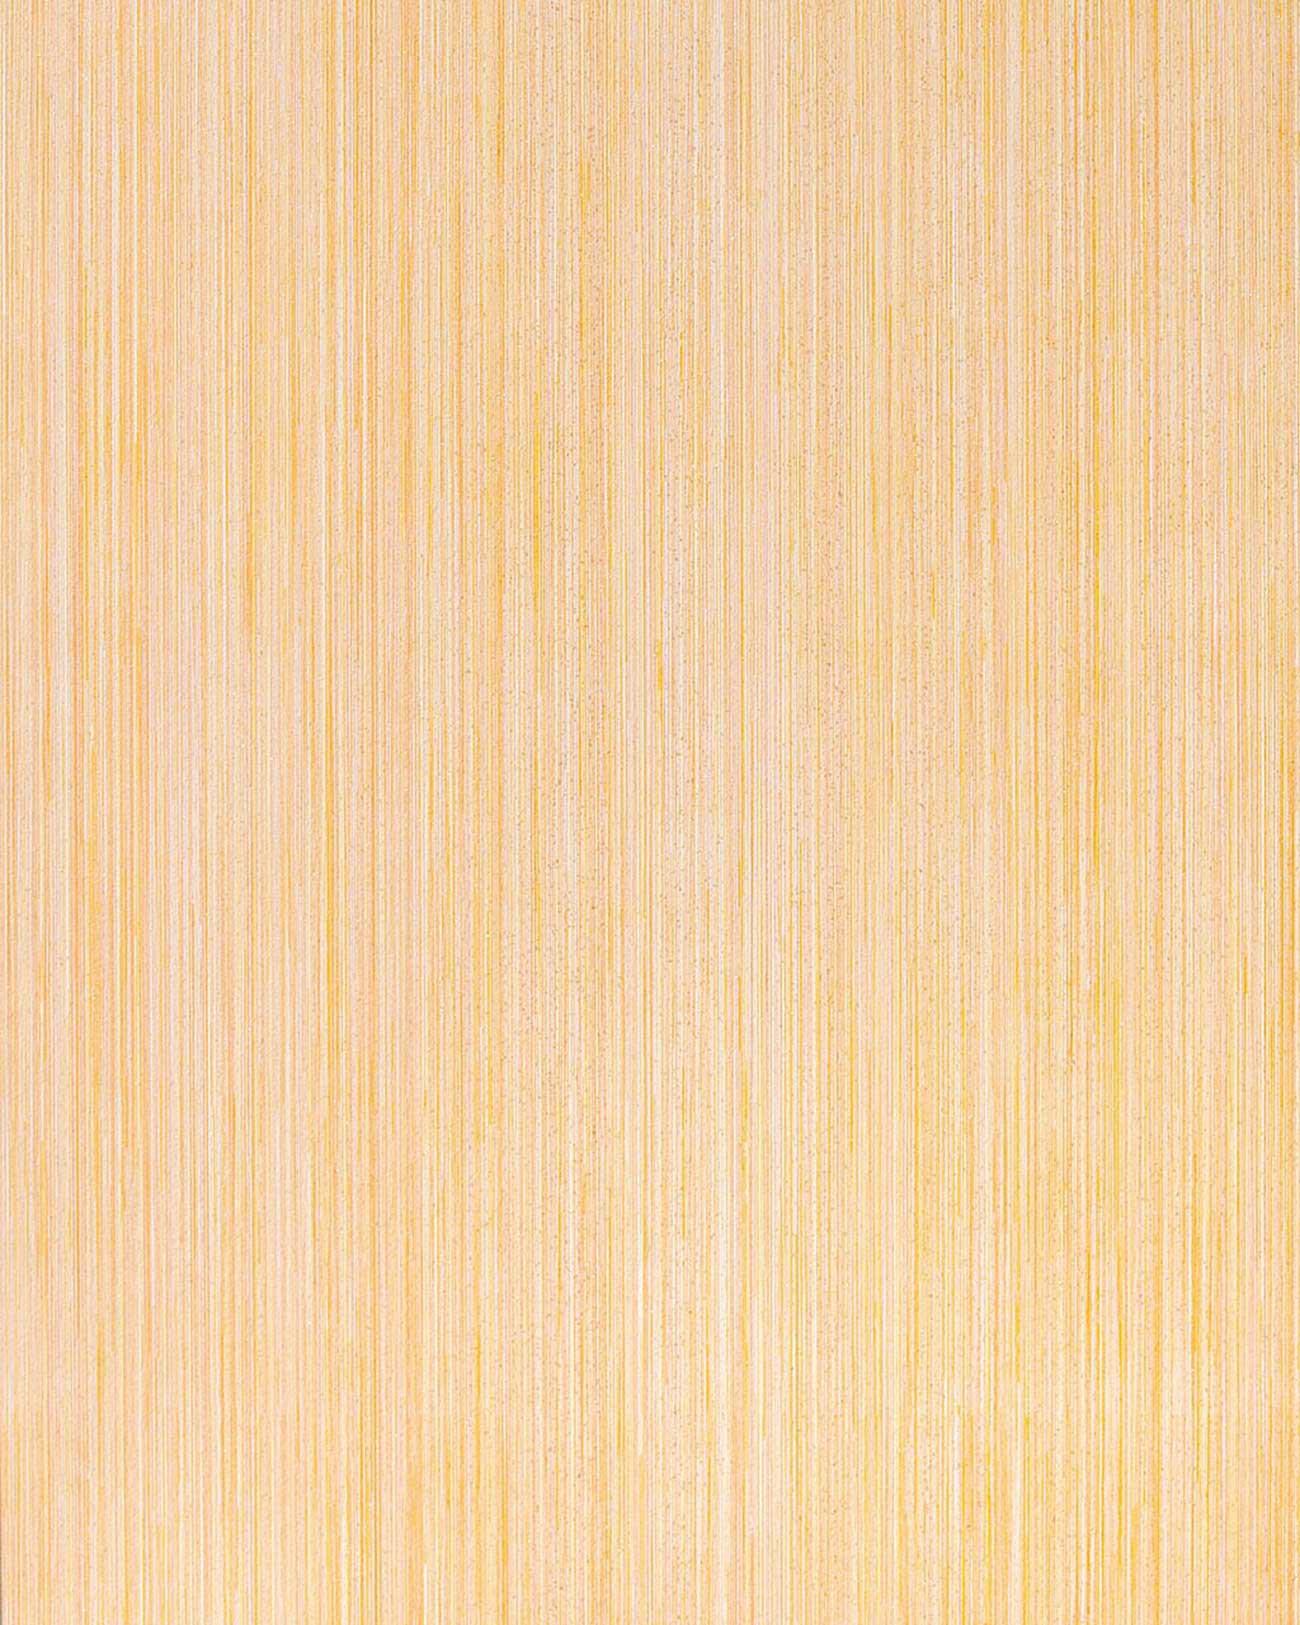 edem 031 21 feine gestreifte design tapete streifen sonnengelb orange gelborange kaufen bei. Black Bedroom Furniture Sets. Home Design Ideas